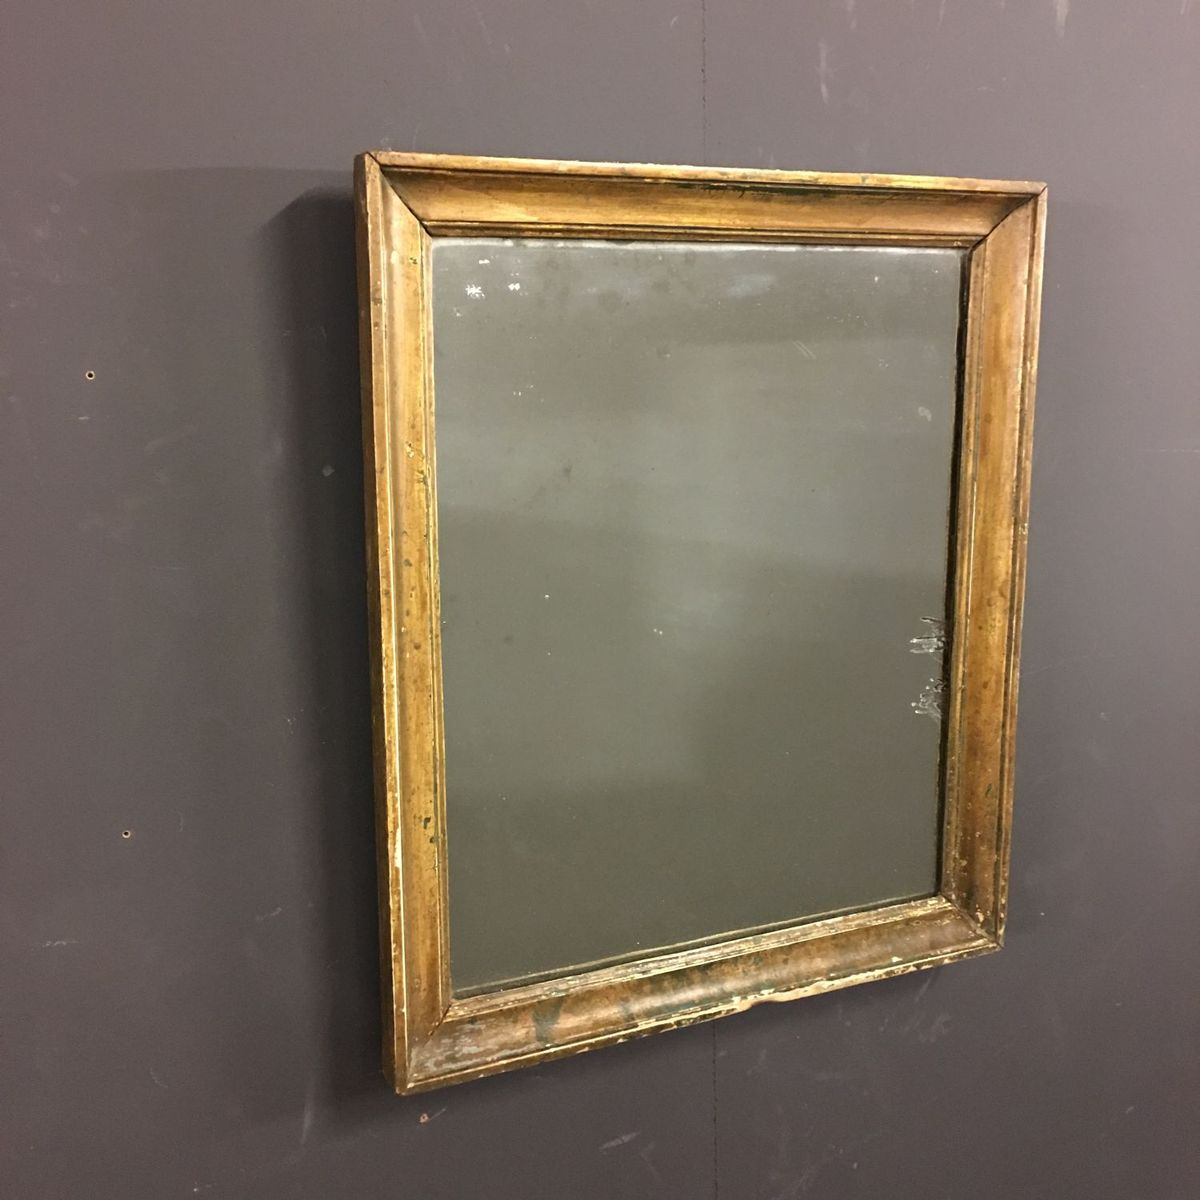 Petit miroir antique en bois dor france en vente sur pamono for Petit miroir